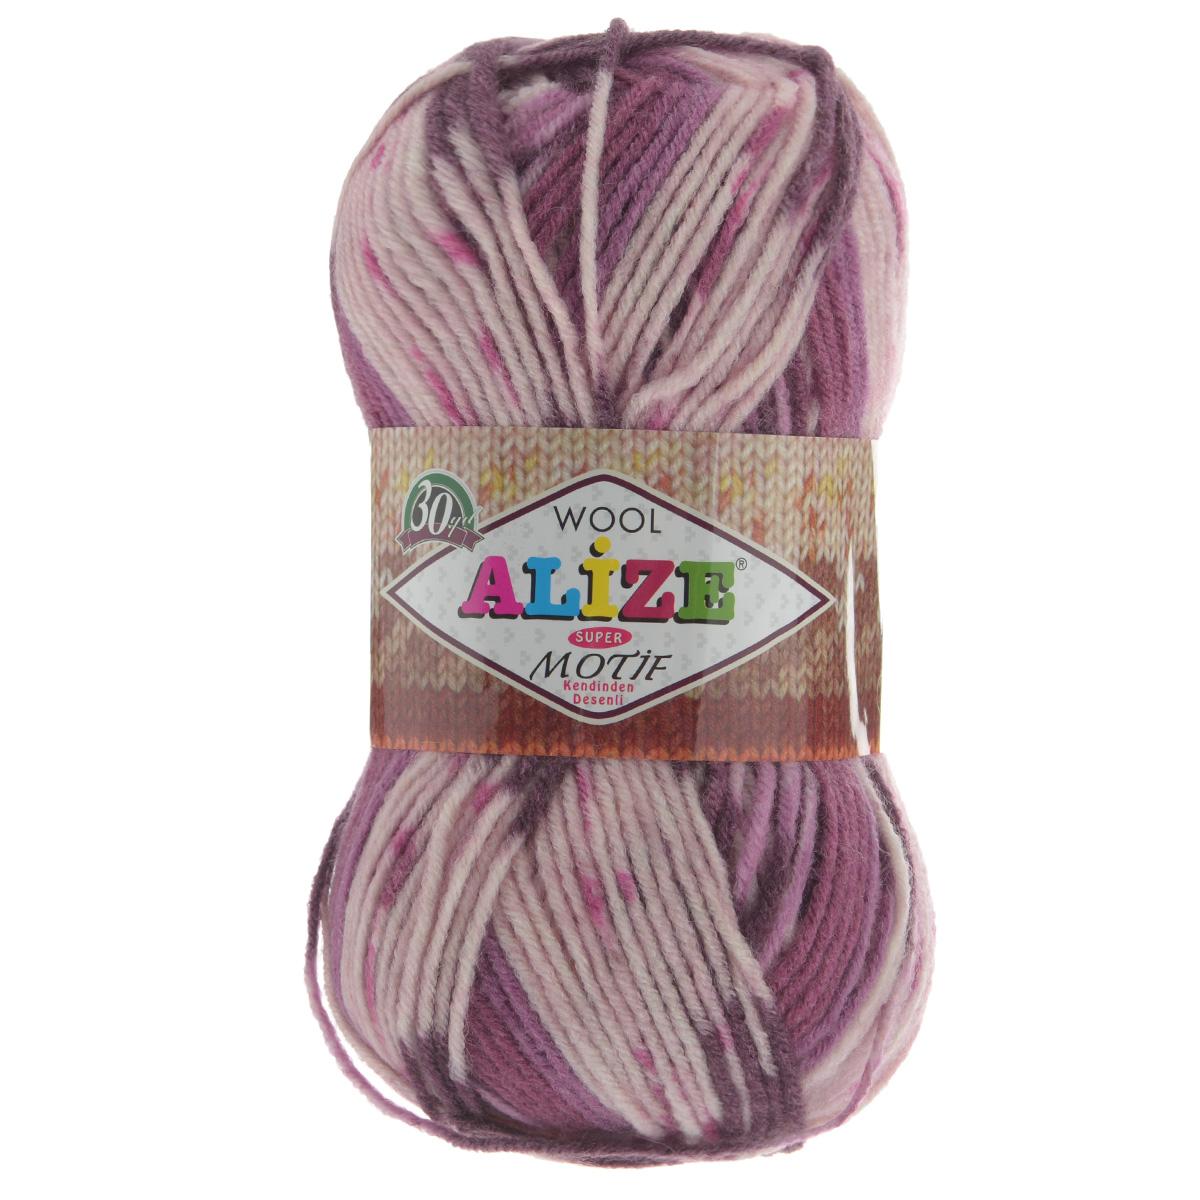 Пряжа для вязания Alize Motif, цвет: белый, розовый, бордовый (2955), 200 м, 100 г, 5 шт367014_2955Турецкая пряжа Alize MOTIF для ручного вязания. Нить толстая крученая, очень мягкая. Хорошо подходит для вязания теплых свитеров, пальто, изделий для интерьера. Оригинальное сочетание разноцветного узора и полос. Теплая осенне-зимняя пряжа для всей семьи. При вязании лицевой гладью складываются жаккардовые узоры. Состав: 80% акрил, 20% шерсть. Рекомендованные спицы № 5-6.